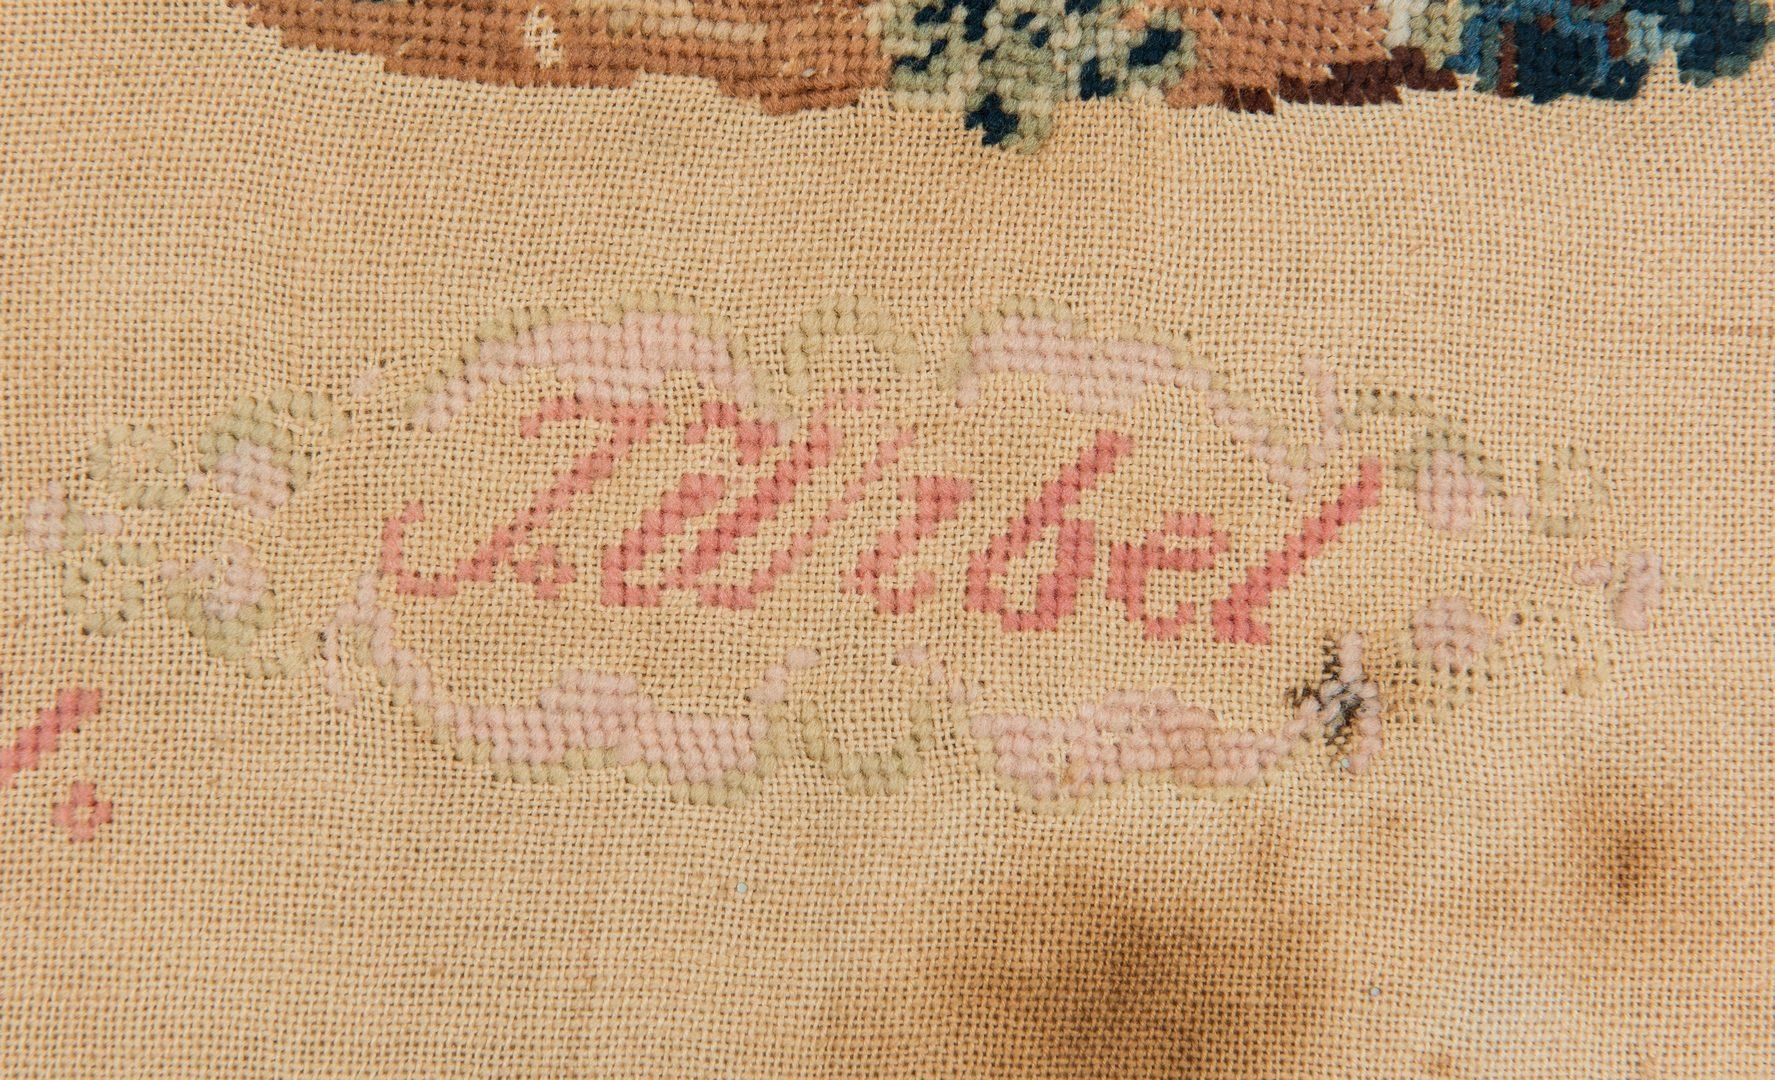 Lot 737: 3 Needlework samplers